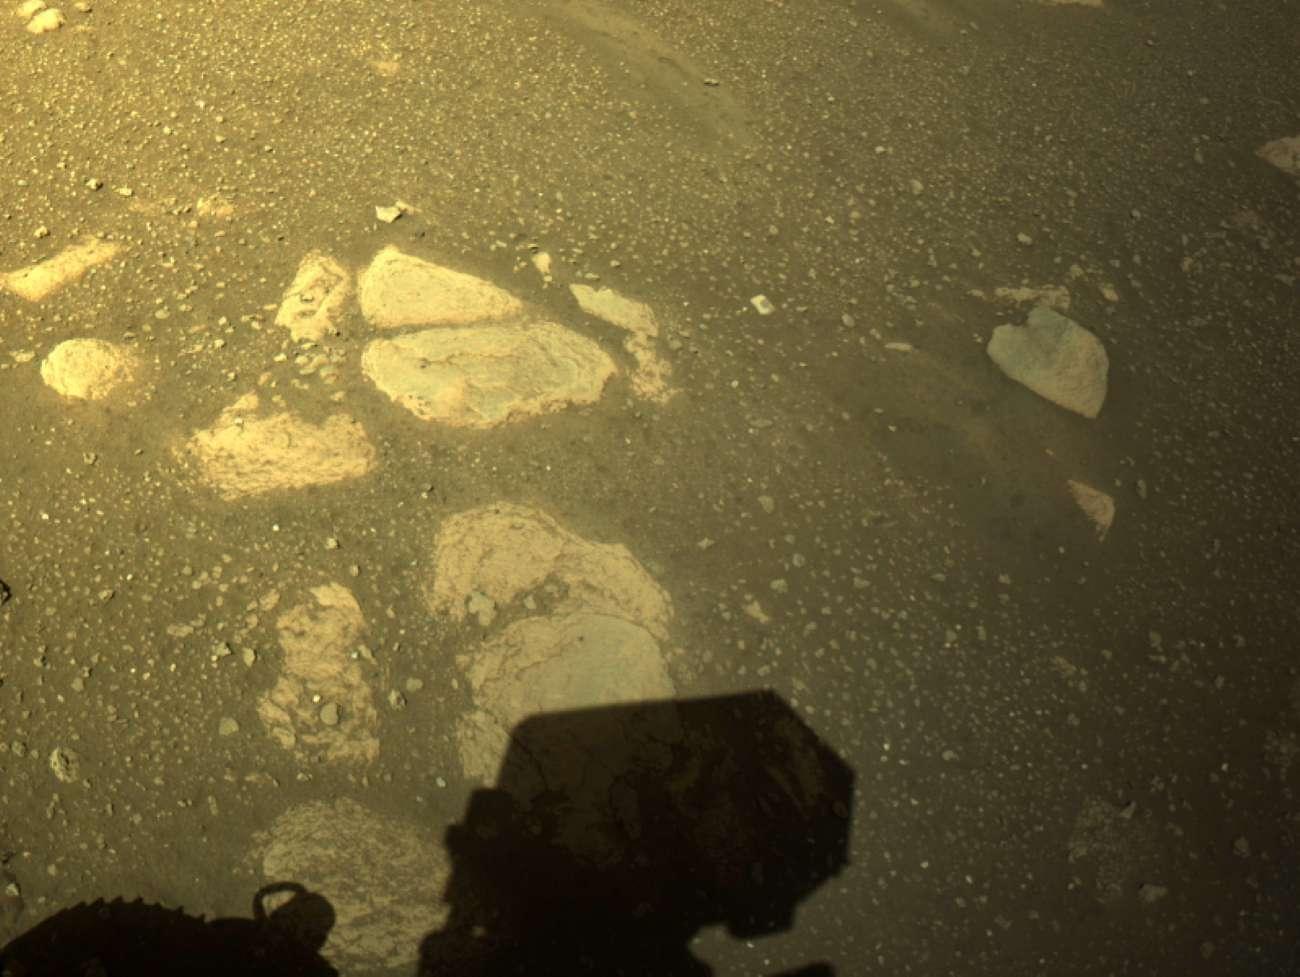 Марсоход Perseverance впервые после посадки проехал по поверхности планеты - фото 2